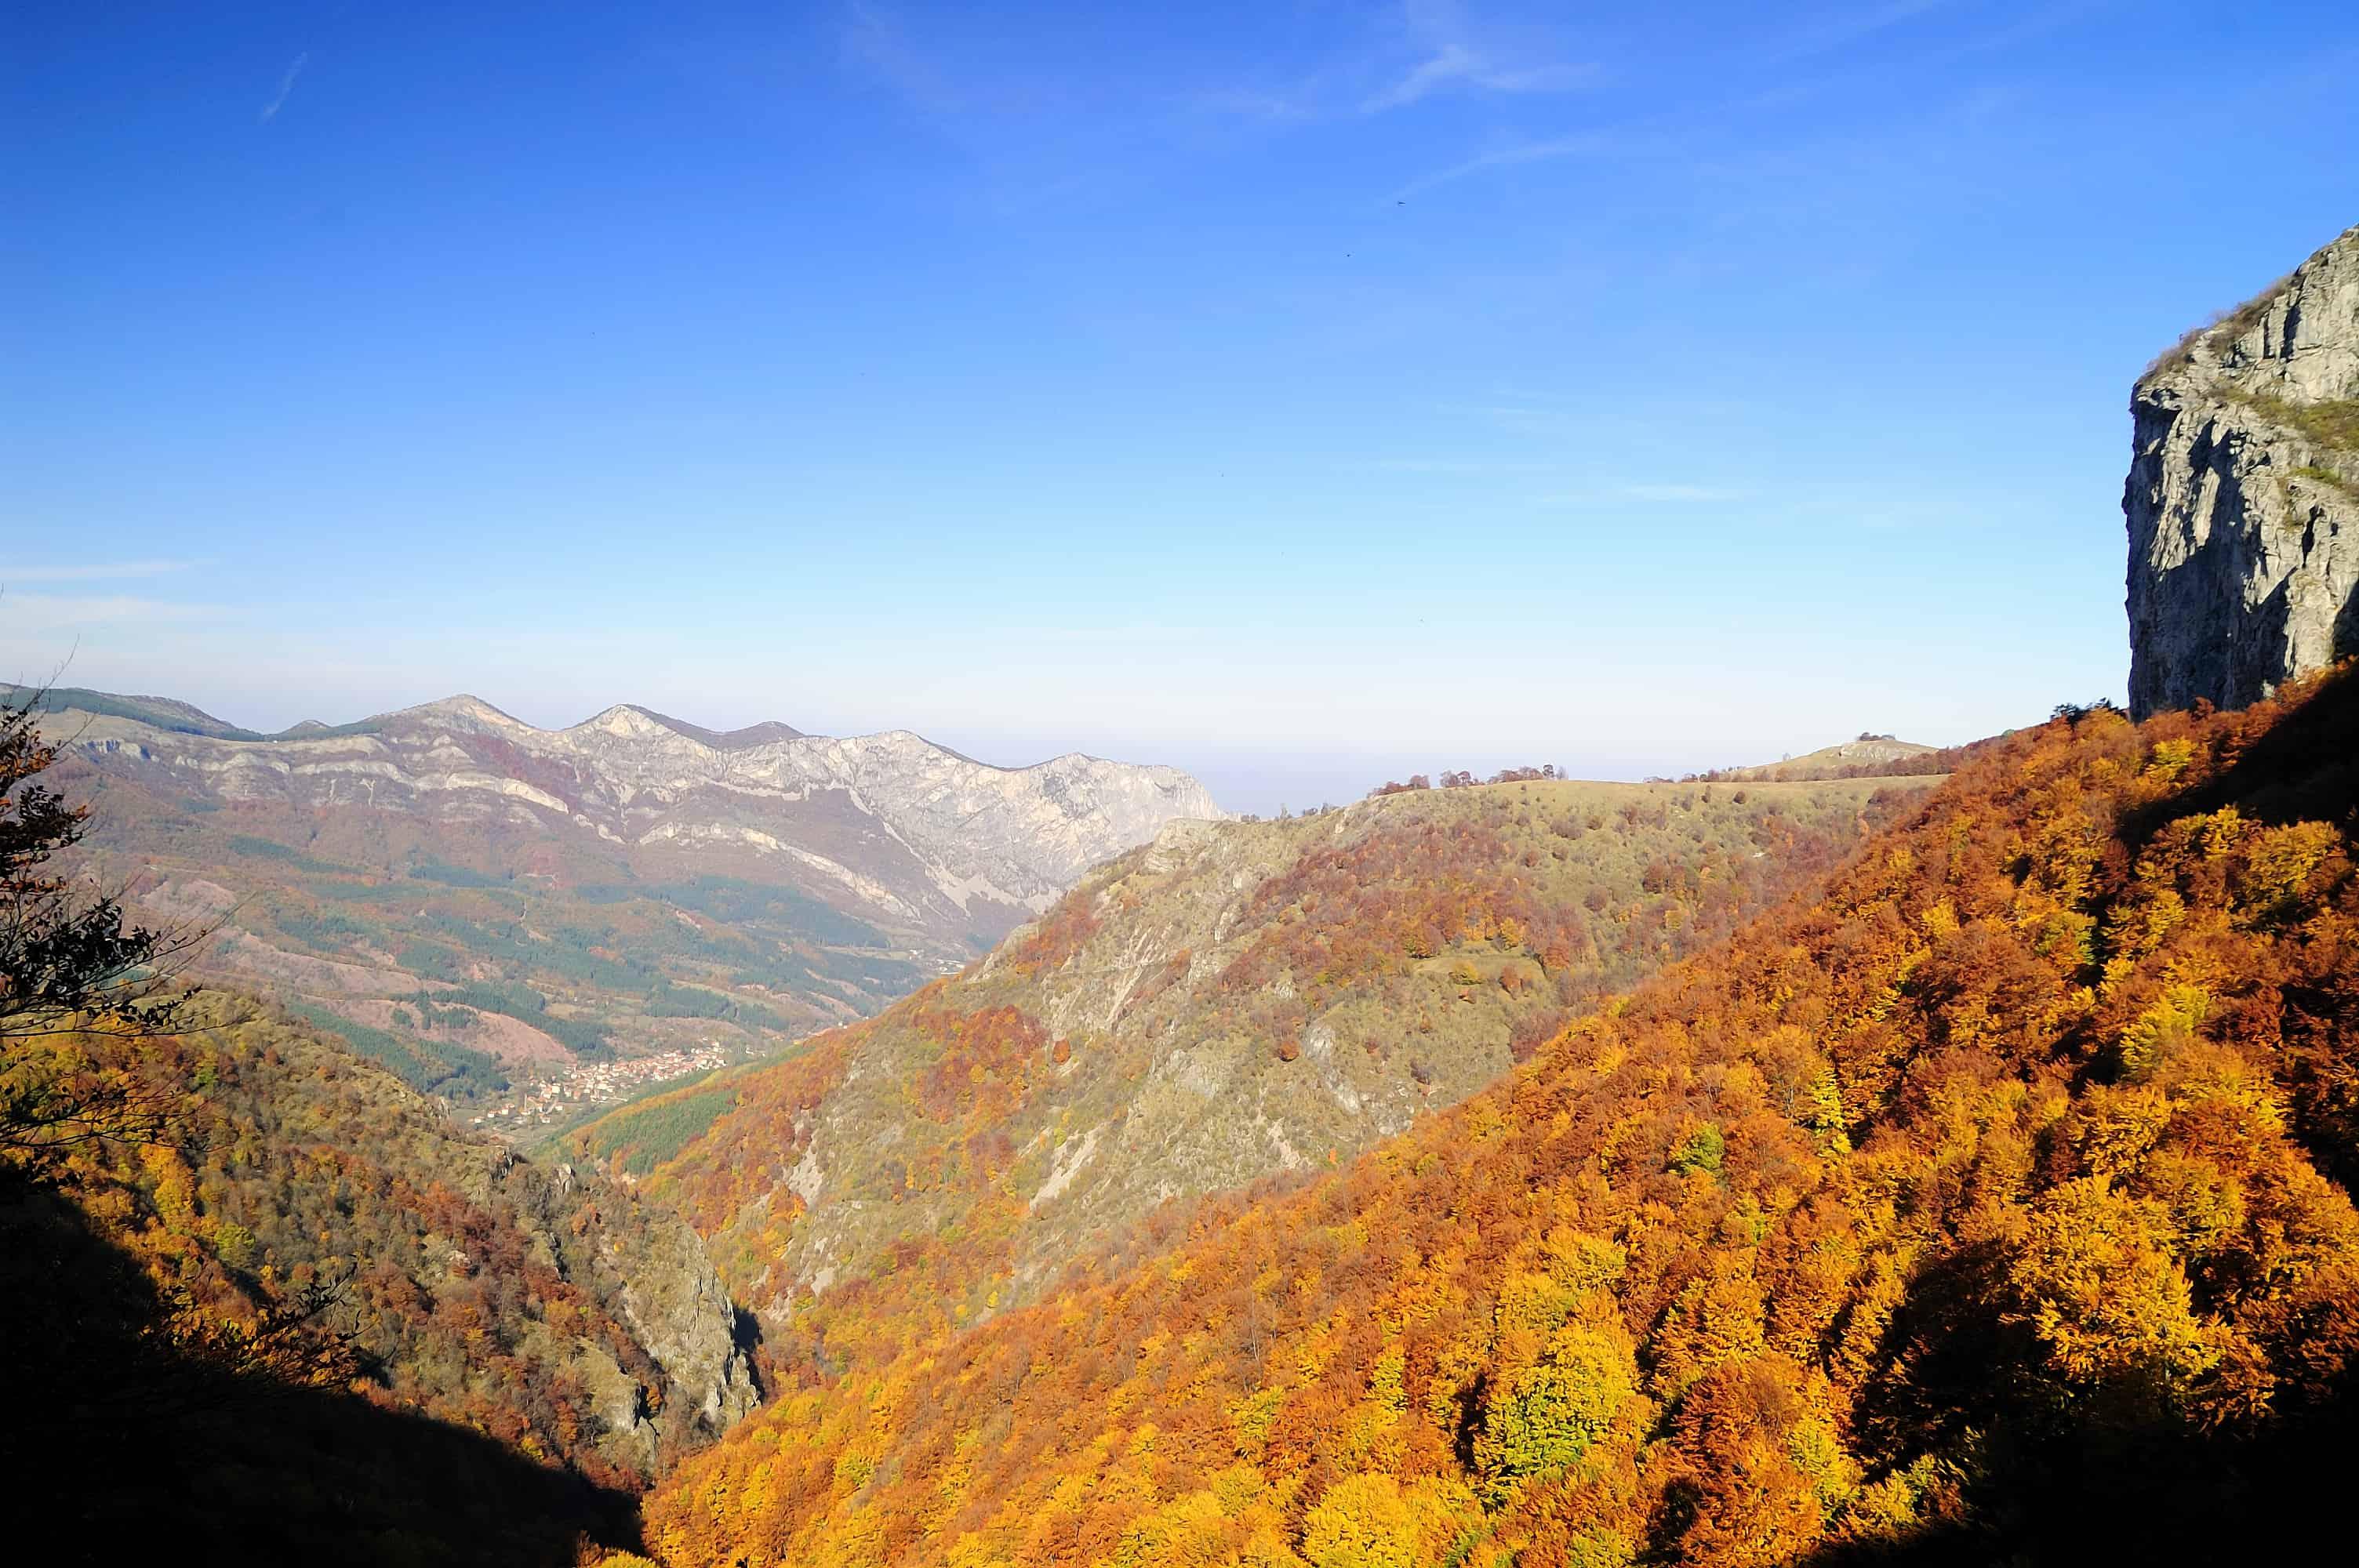 Blick auf das Dorf Zgorigrad - Foto: Naturpark Vachranski Balkan/Krasimir Lakovski